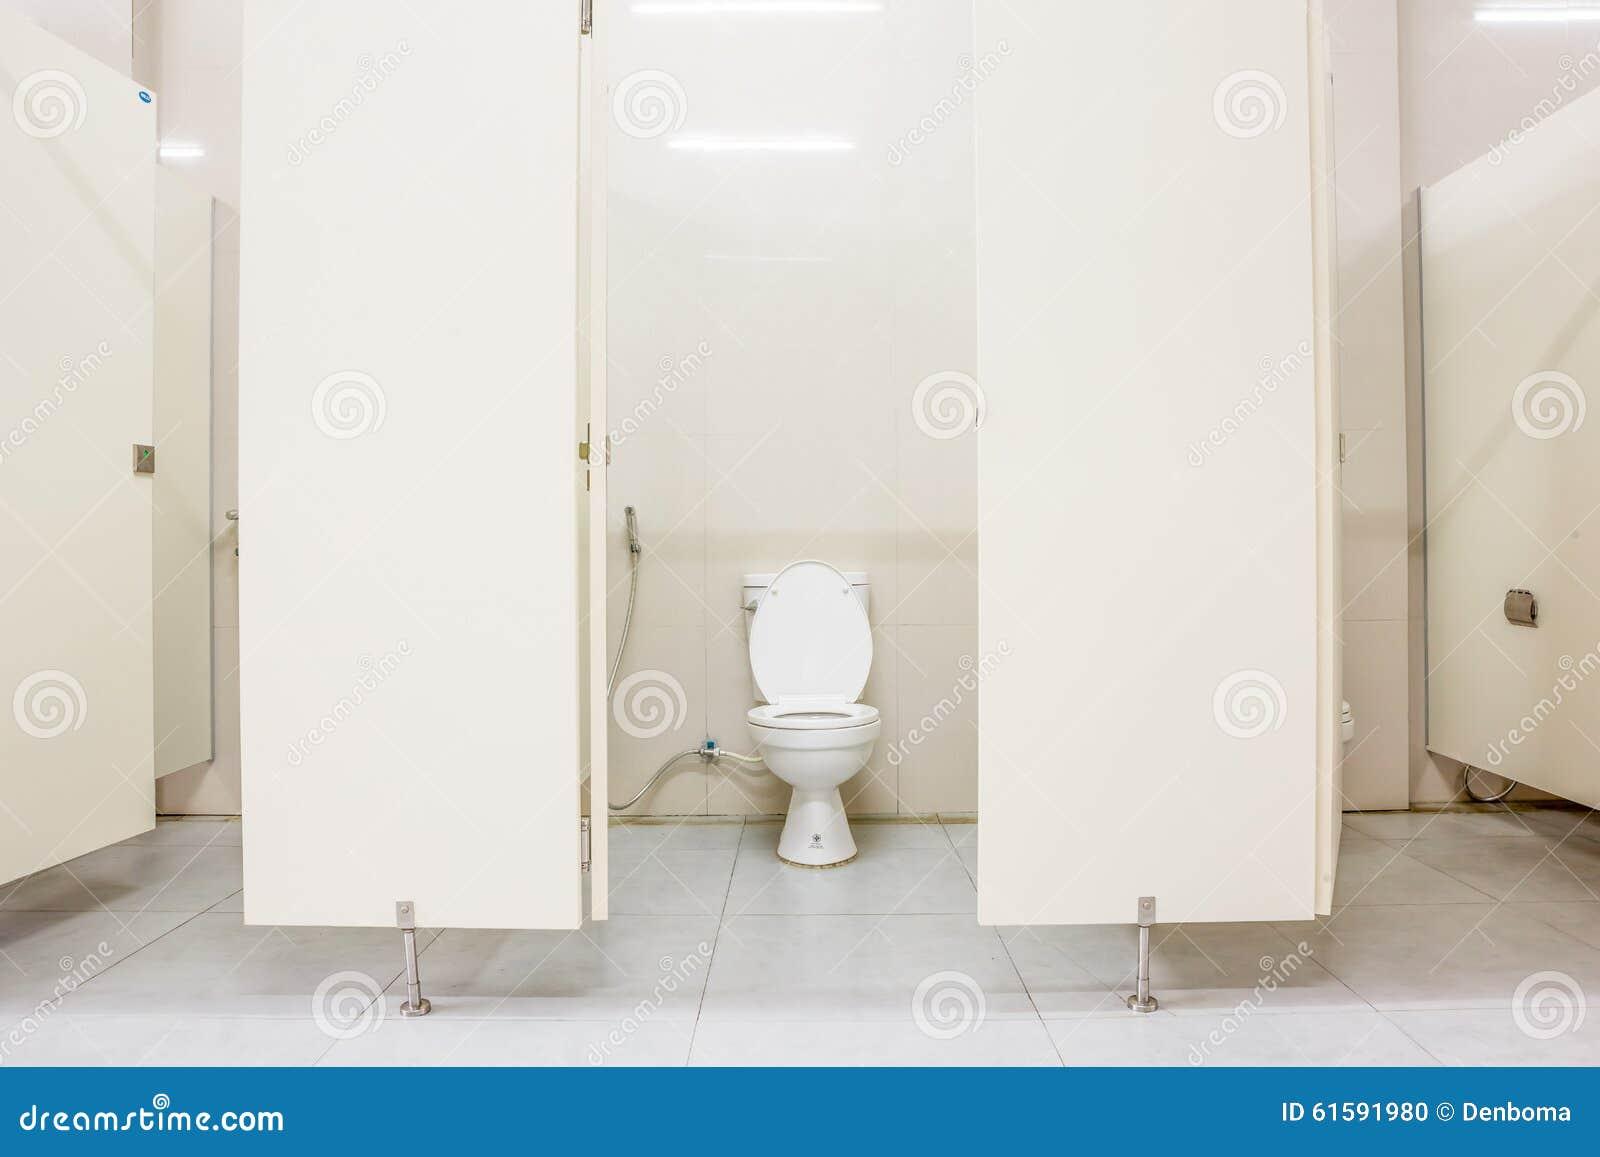 Jawna toaleta i drzwi